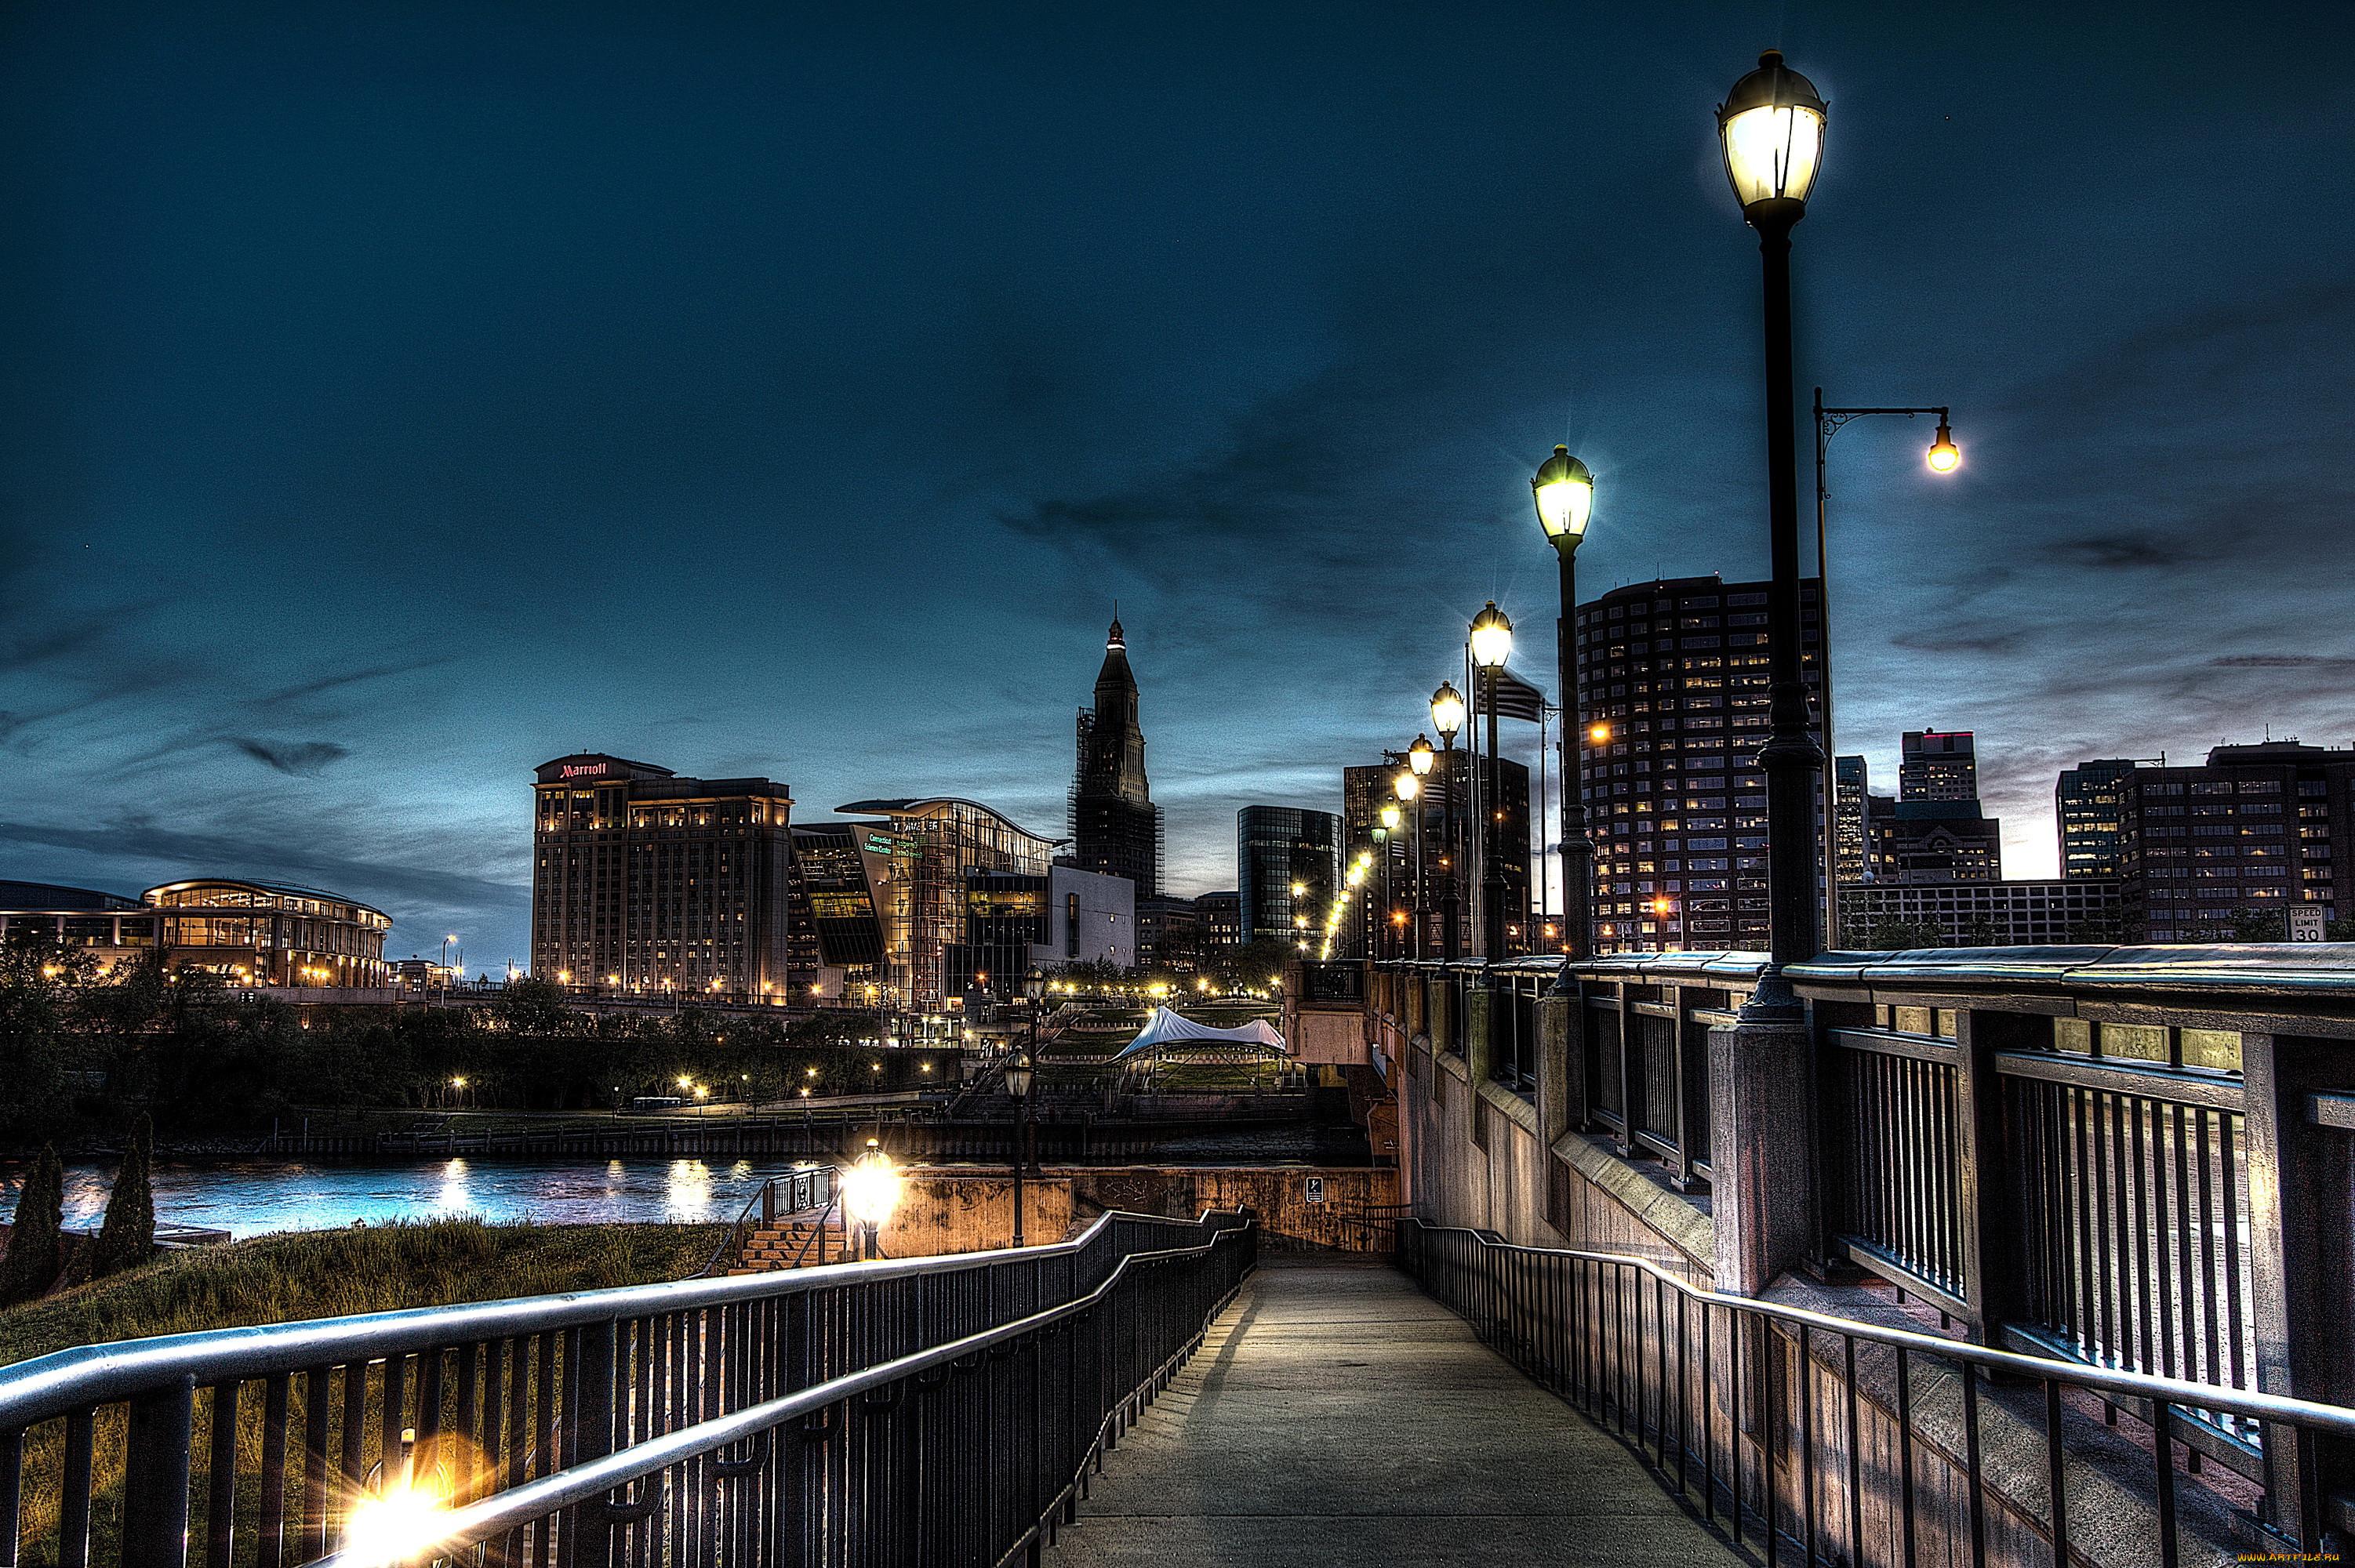 фото ночные города пейзажи волнуются, начинают путаться